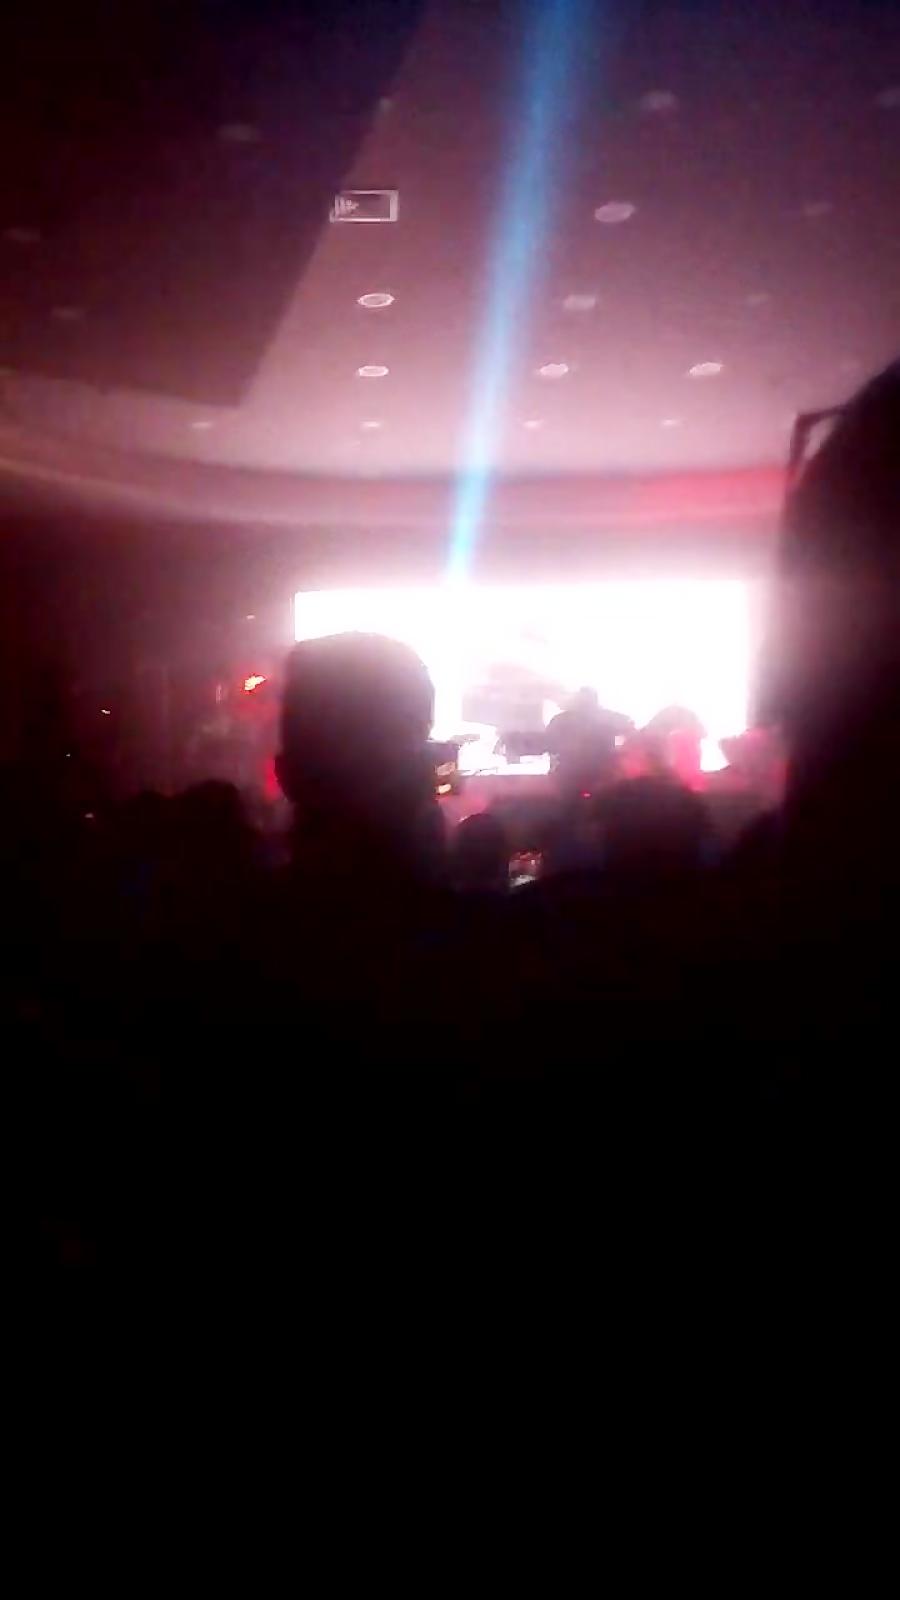 ی ویدیو از کنسرت رضا صادقی